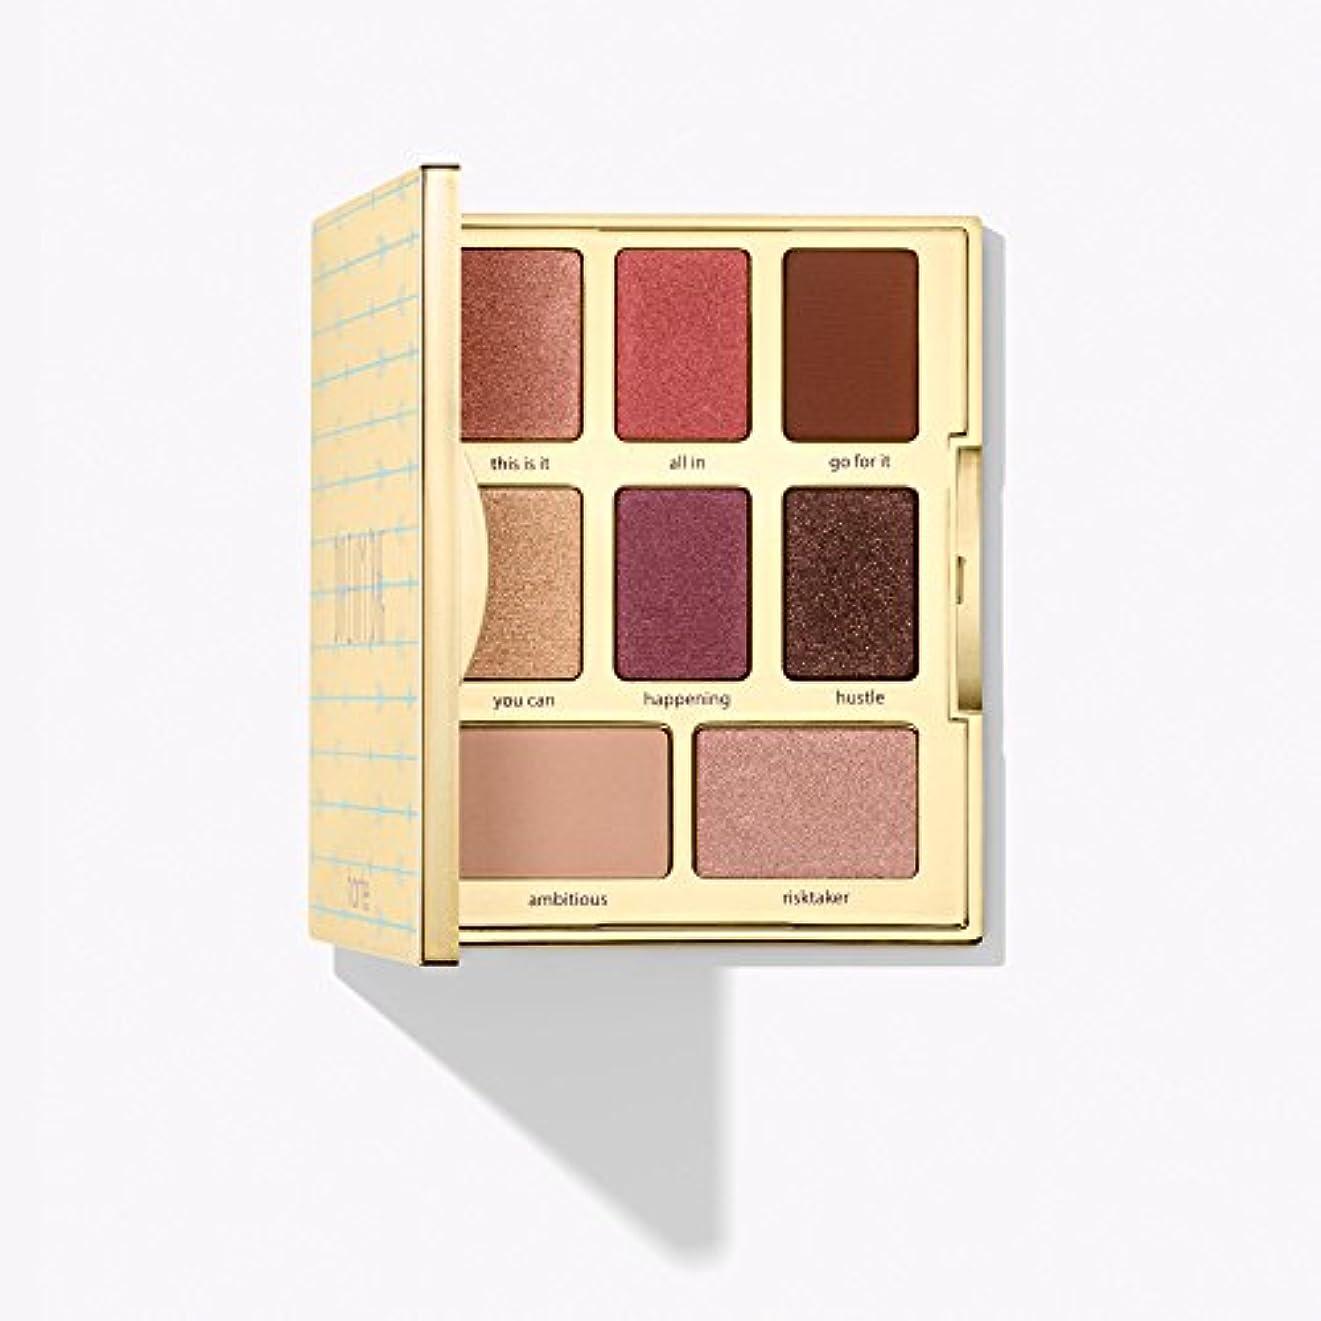 させるつなぐ詐欺Tarte Limited Edition Dream Big Eyeshadow Palette